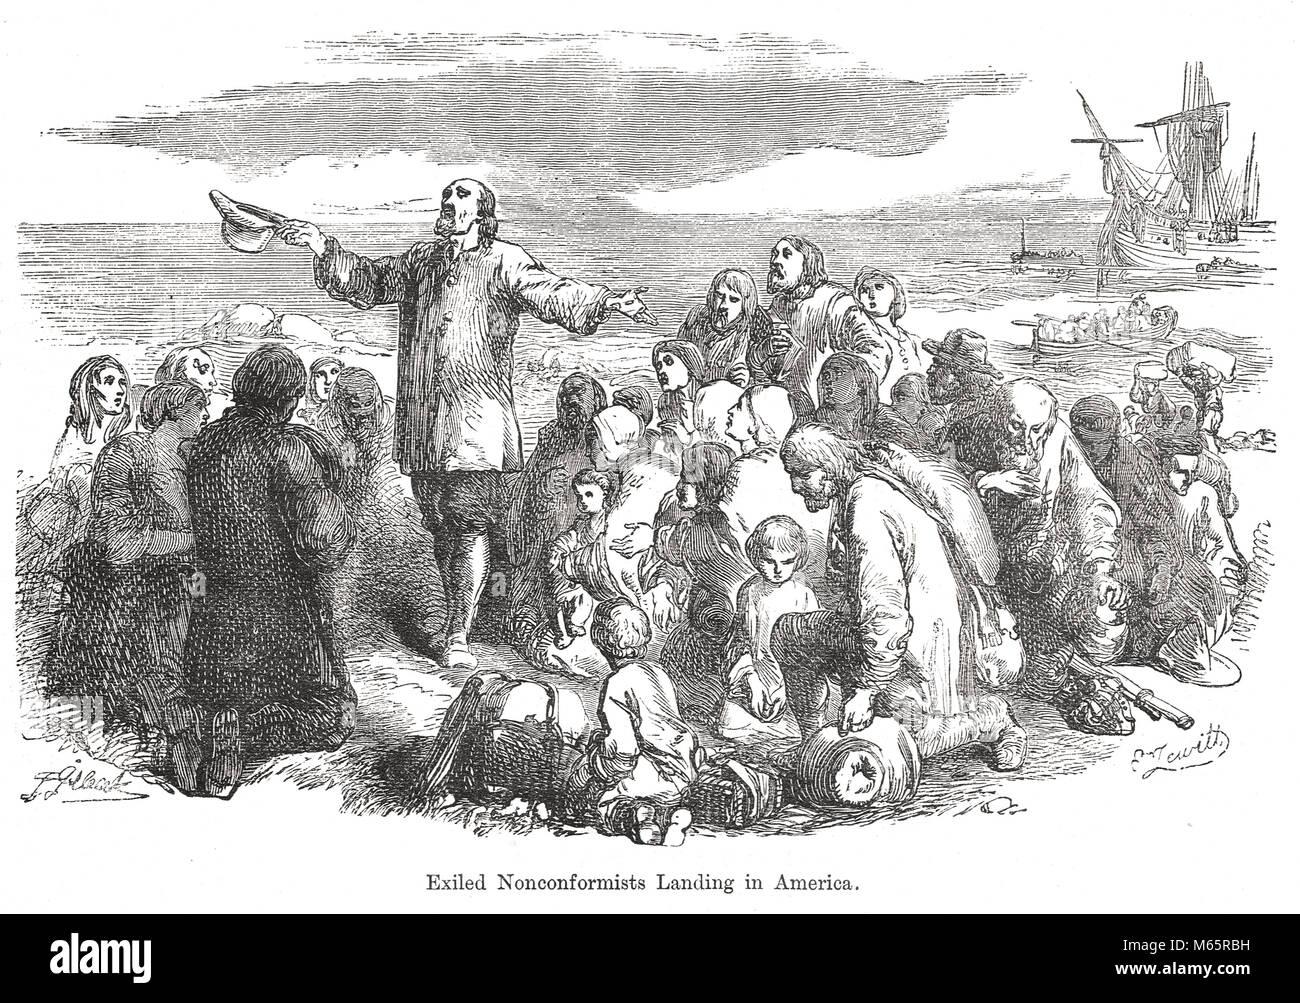 Verbannt Nonkonformisten, Landung in Amerika, 17. Jahrhundert Stockfoto